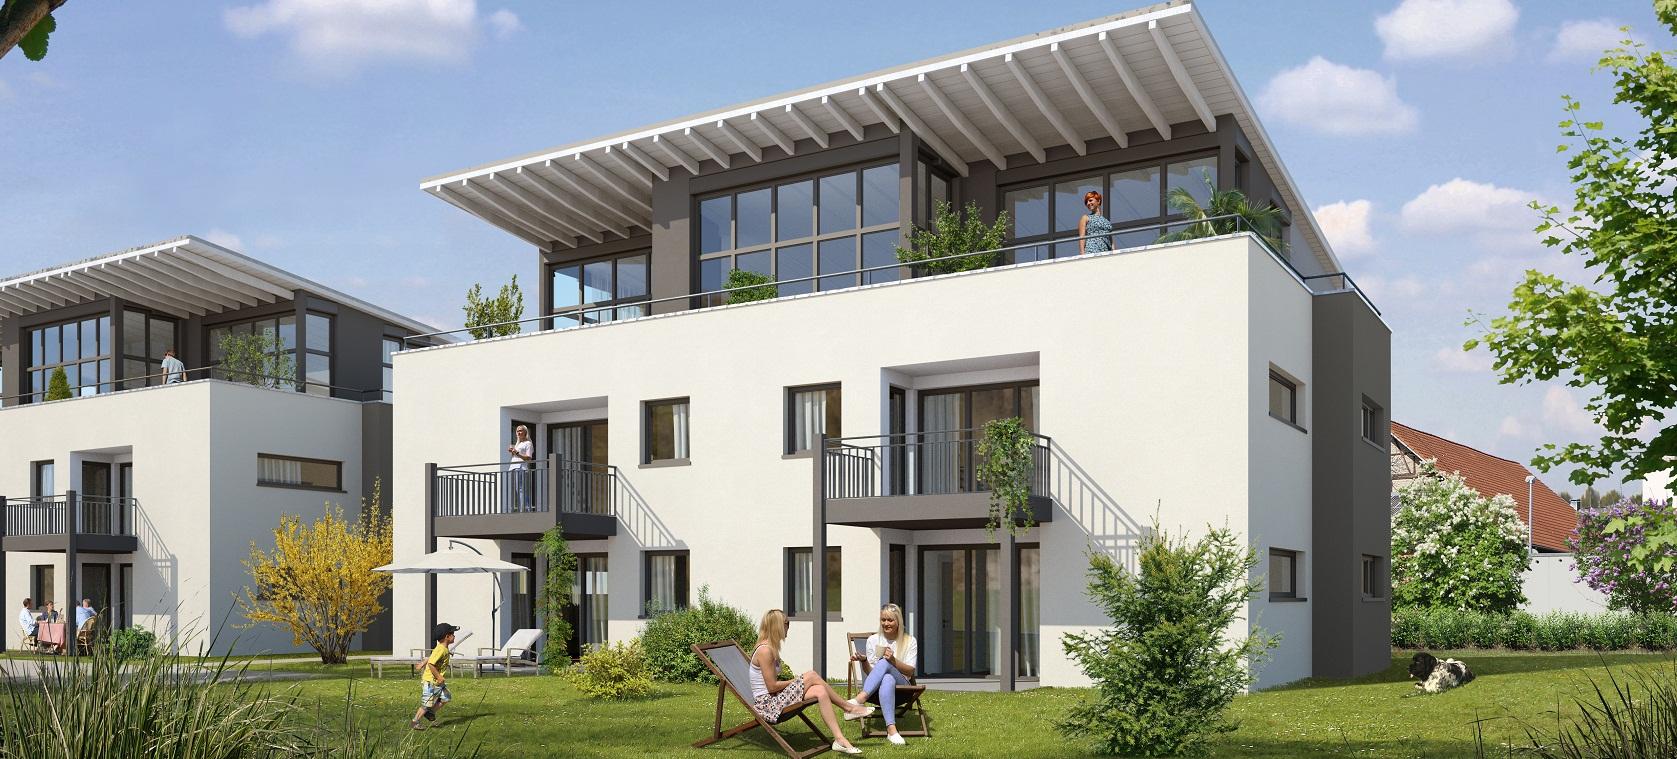 ditzingen hirschlanden 15 eigentumswohnungen sch ner wohnen immobilien ludwigsburg. Black Bedroom Furniture Sets. Home Design Ideas